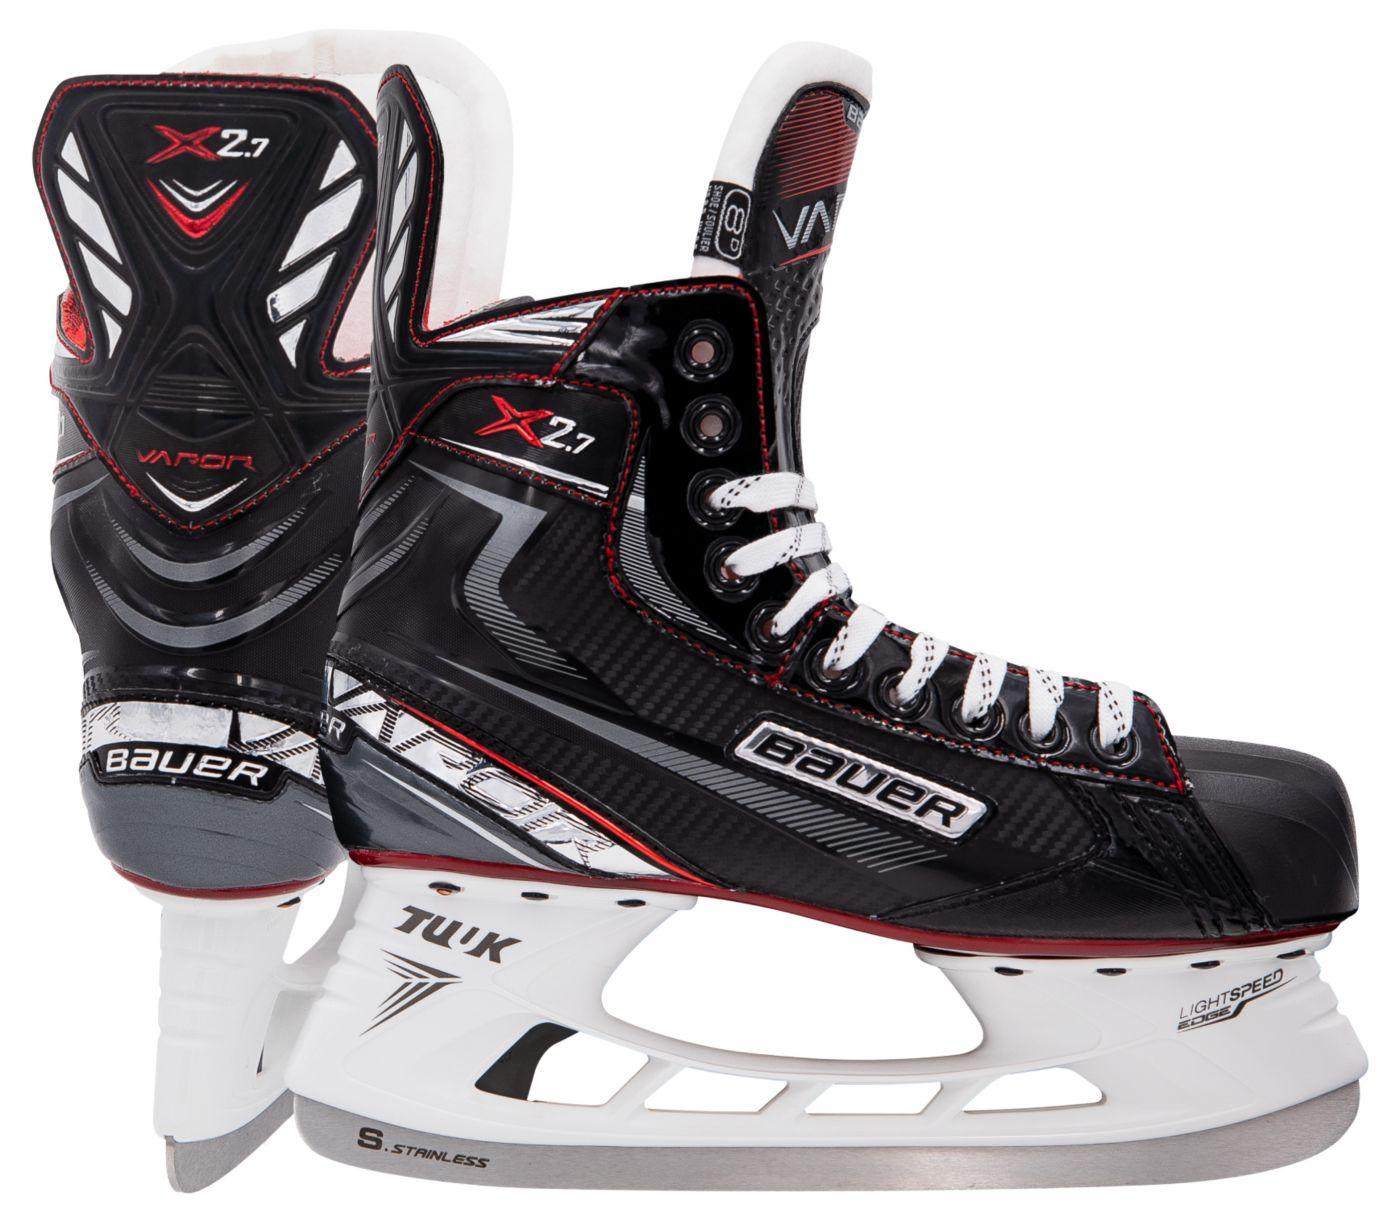 Bauer Senior Vapor X2.7 Ice Hockey Skate